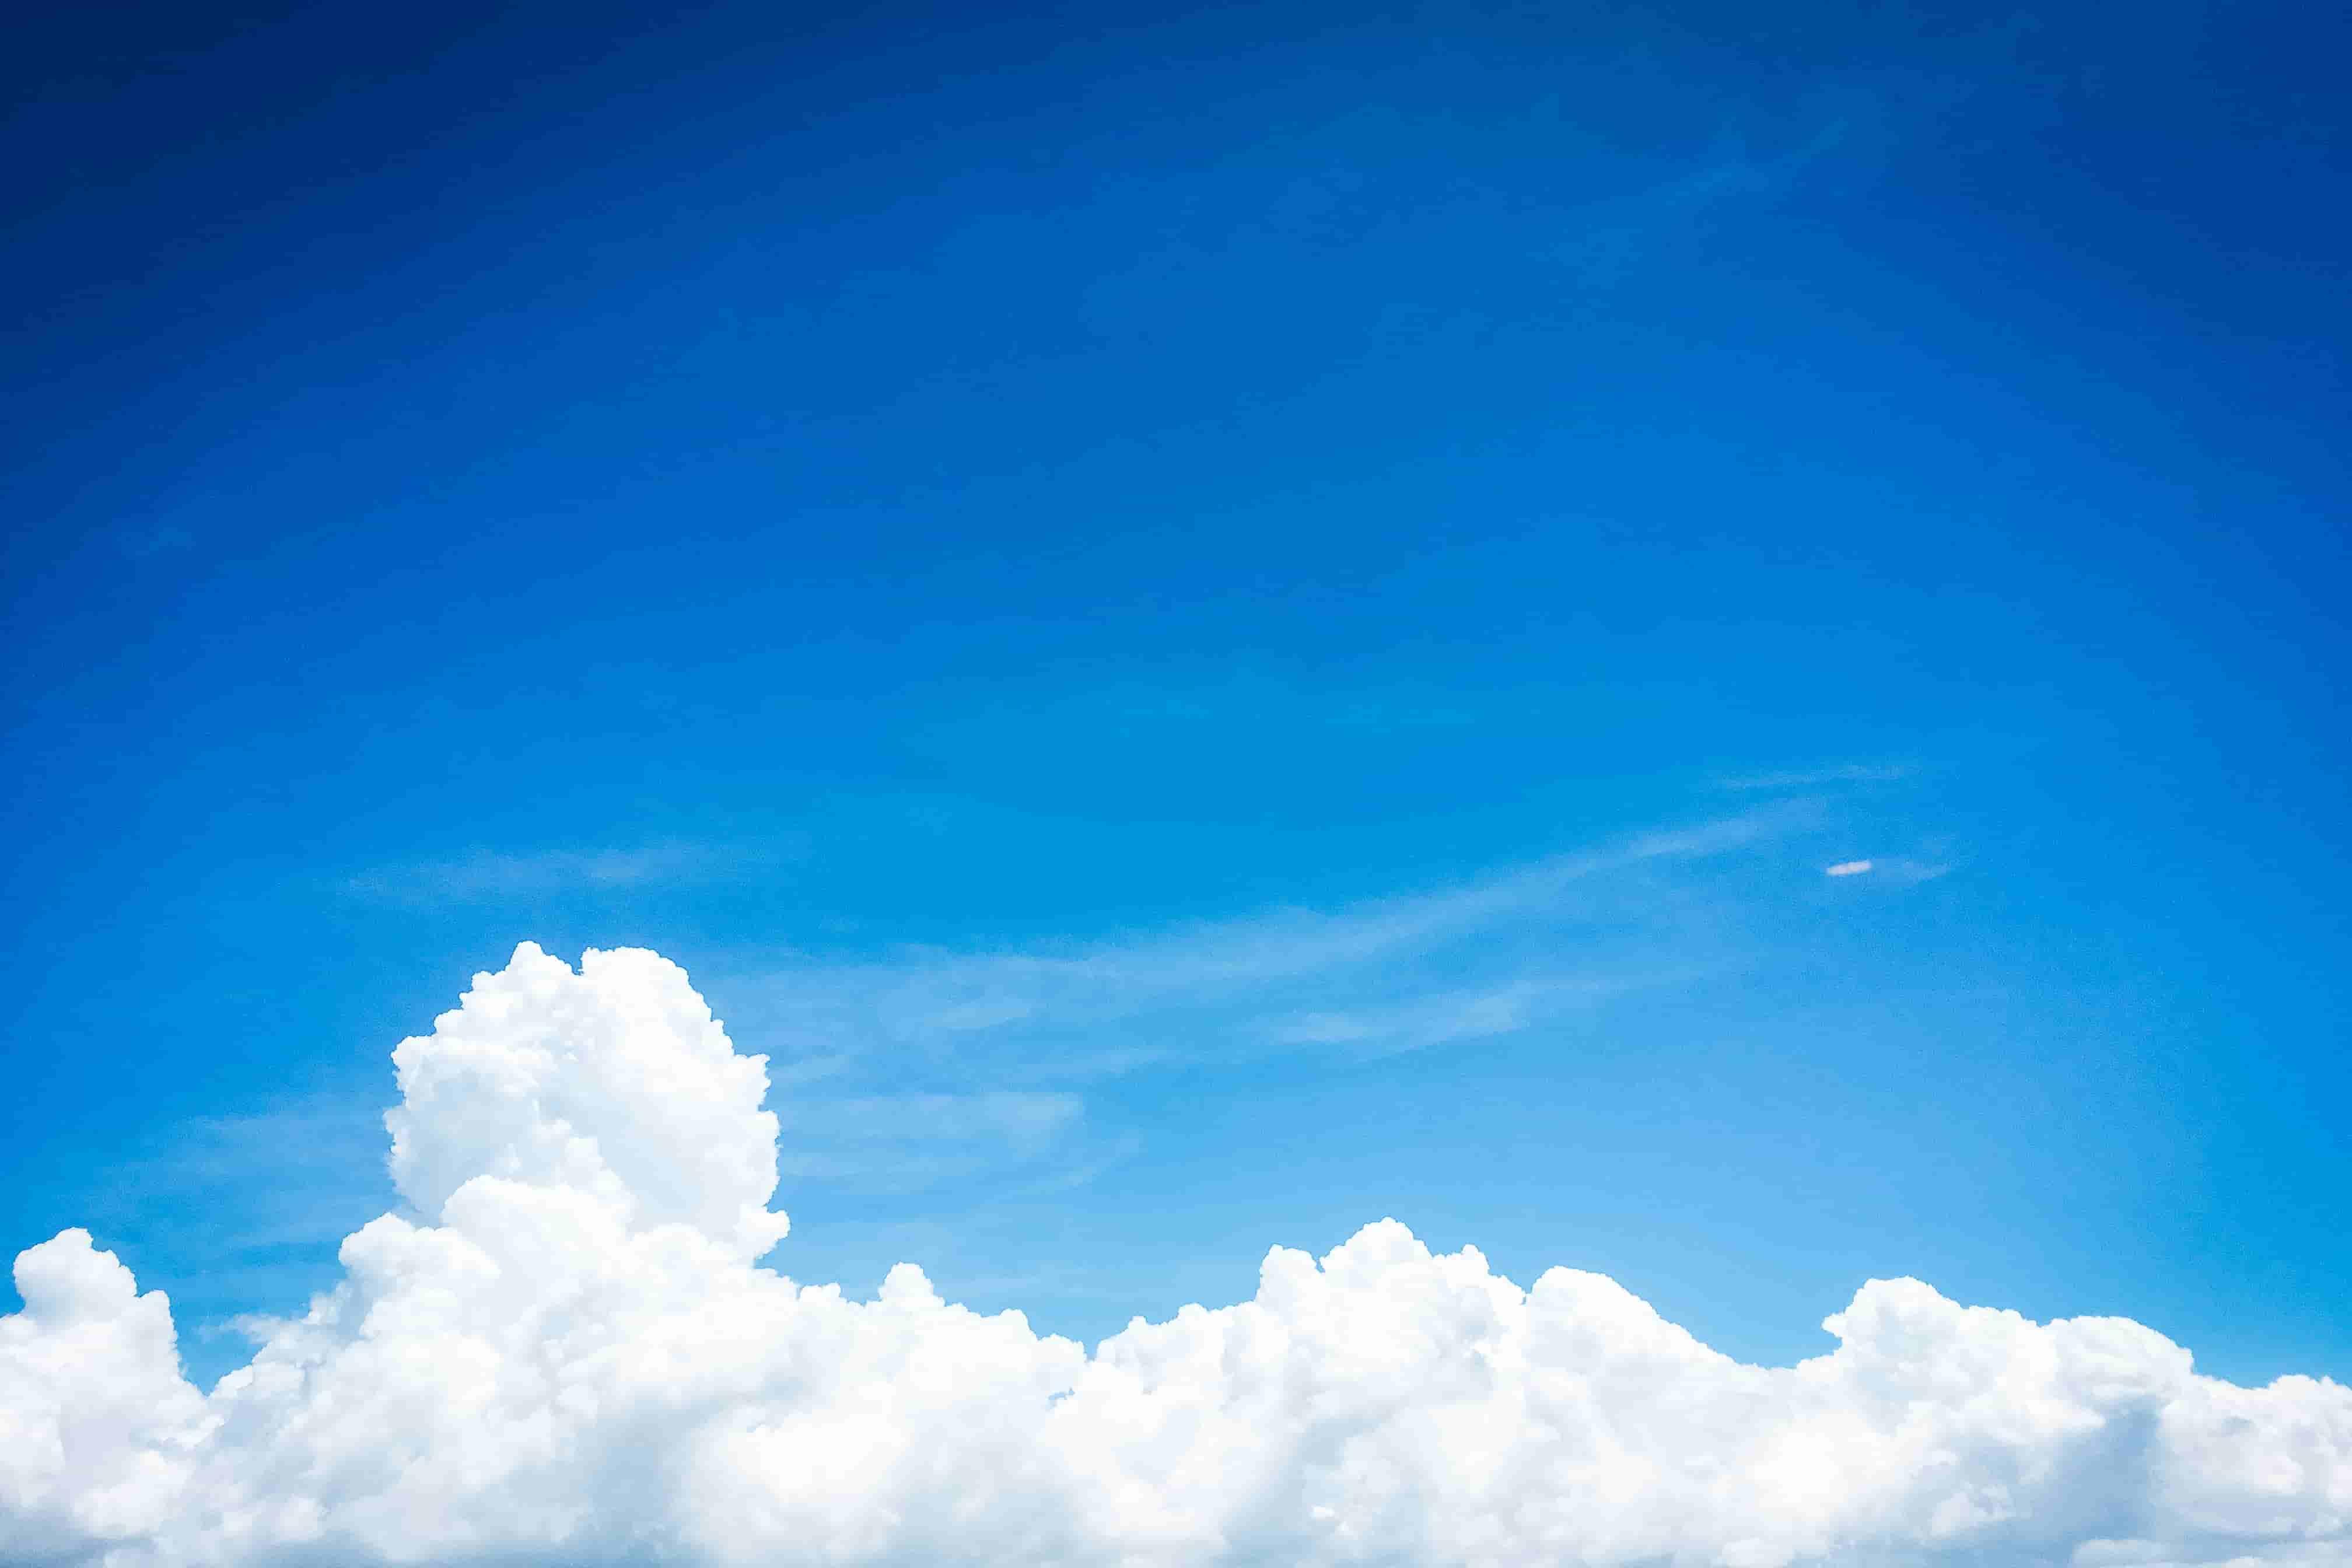 それぞれの雲と青空